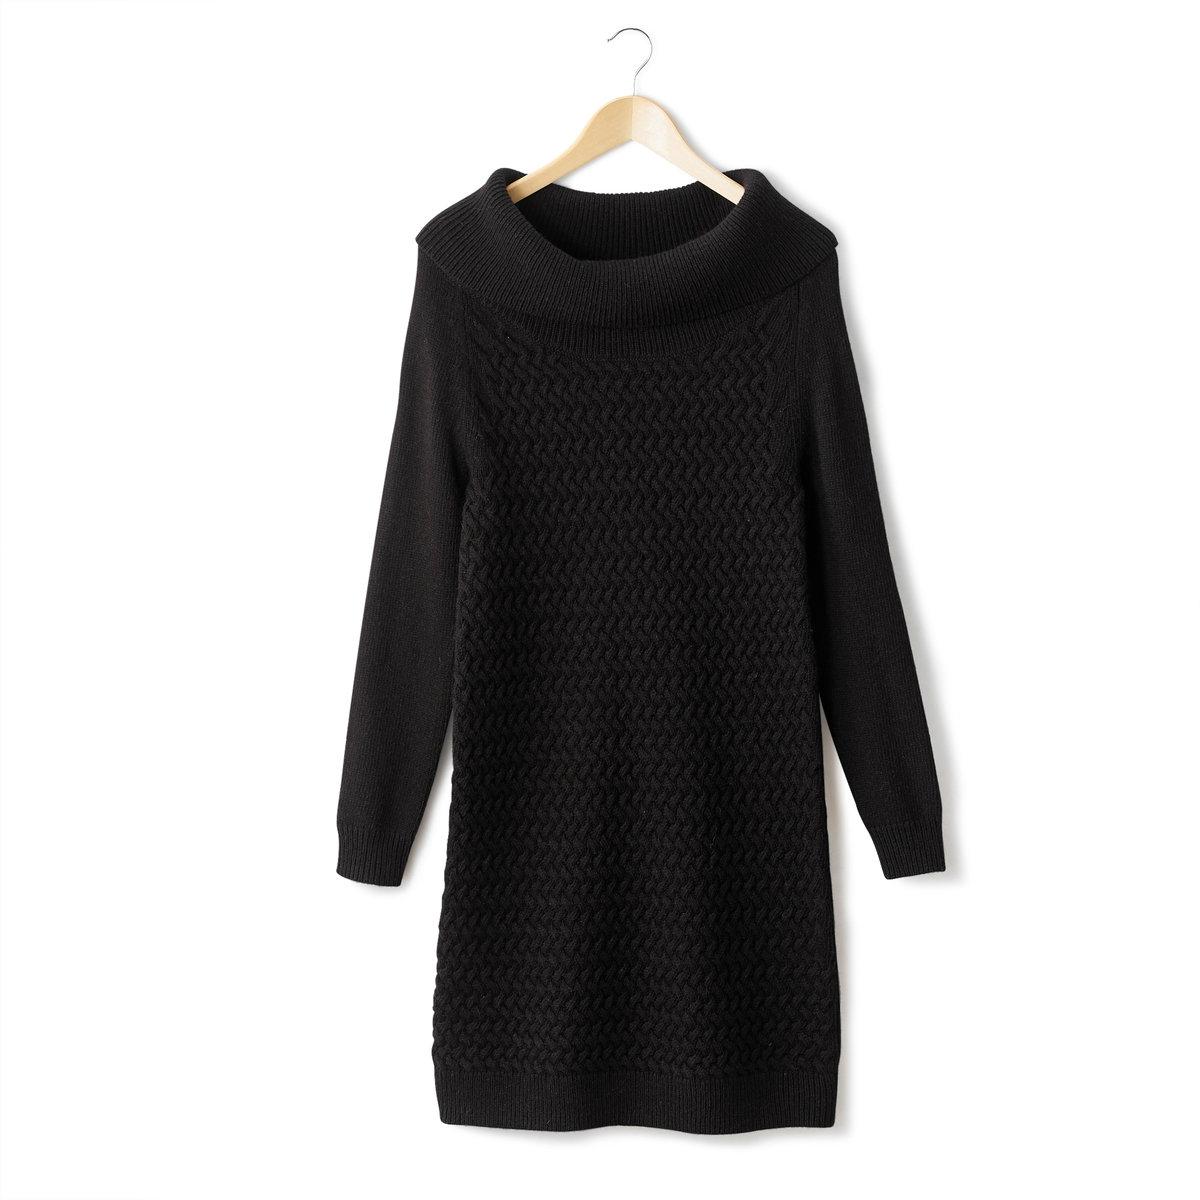 Платье-пуловер с витым узоромПлатье-пуловер с витым узором. Объёмный воротник  в рубчик. Витые узоры спереди. Длинные рукава и спинка из трикотажа джерси,  40% шерсти, 30% альпаки, 30% акрила. Пройма реглан. Отделка рубчиком низа и низа рукавов. Длина 92 см.<br><br>Цвет: черный<br>Размер: 34/36 (FR) - 40/42 (RUS)